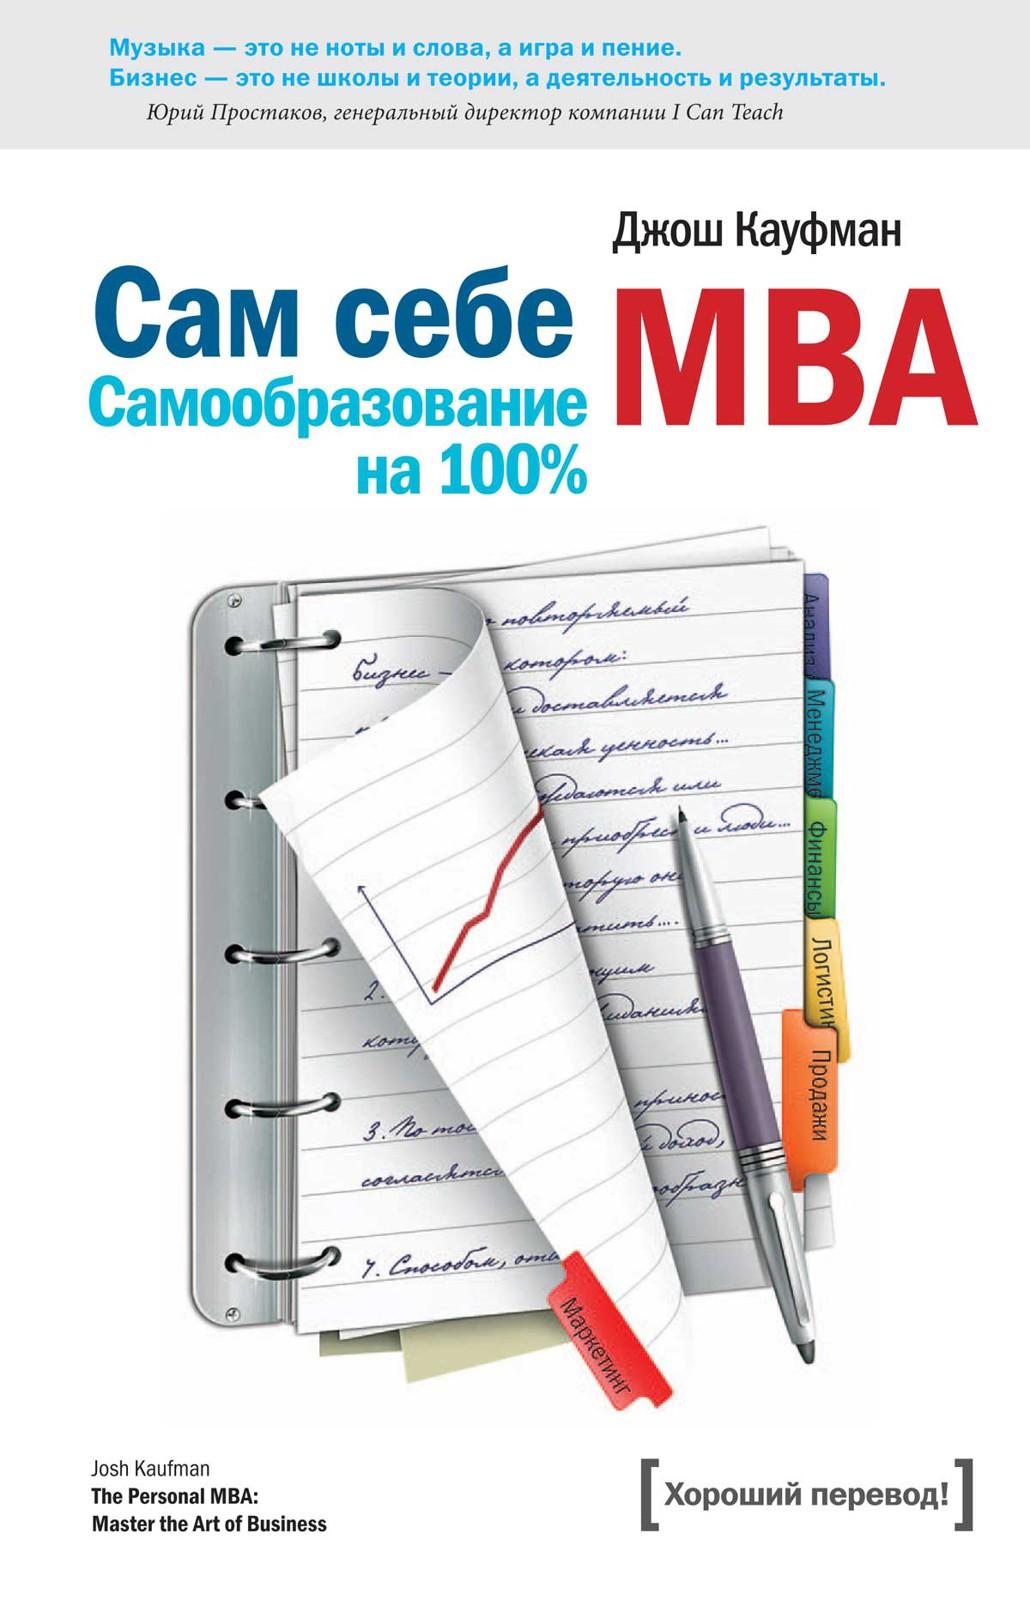 Сам себе MBA Джош Кауфман - выдающийся менеджер, не получивший